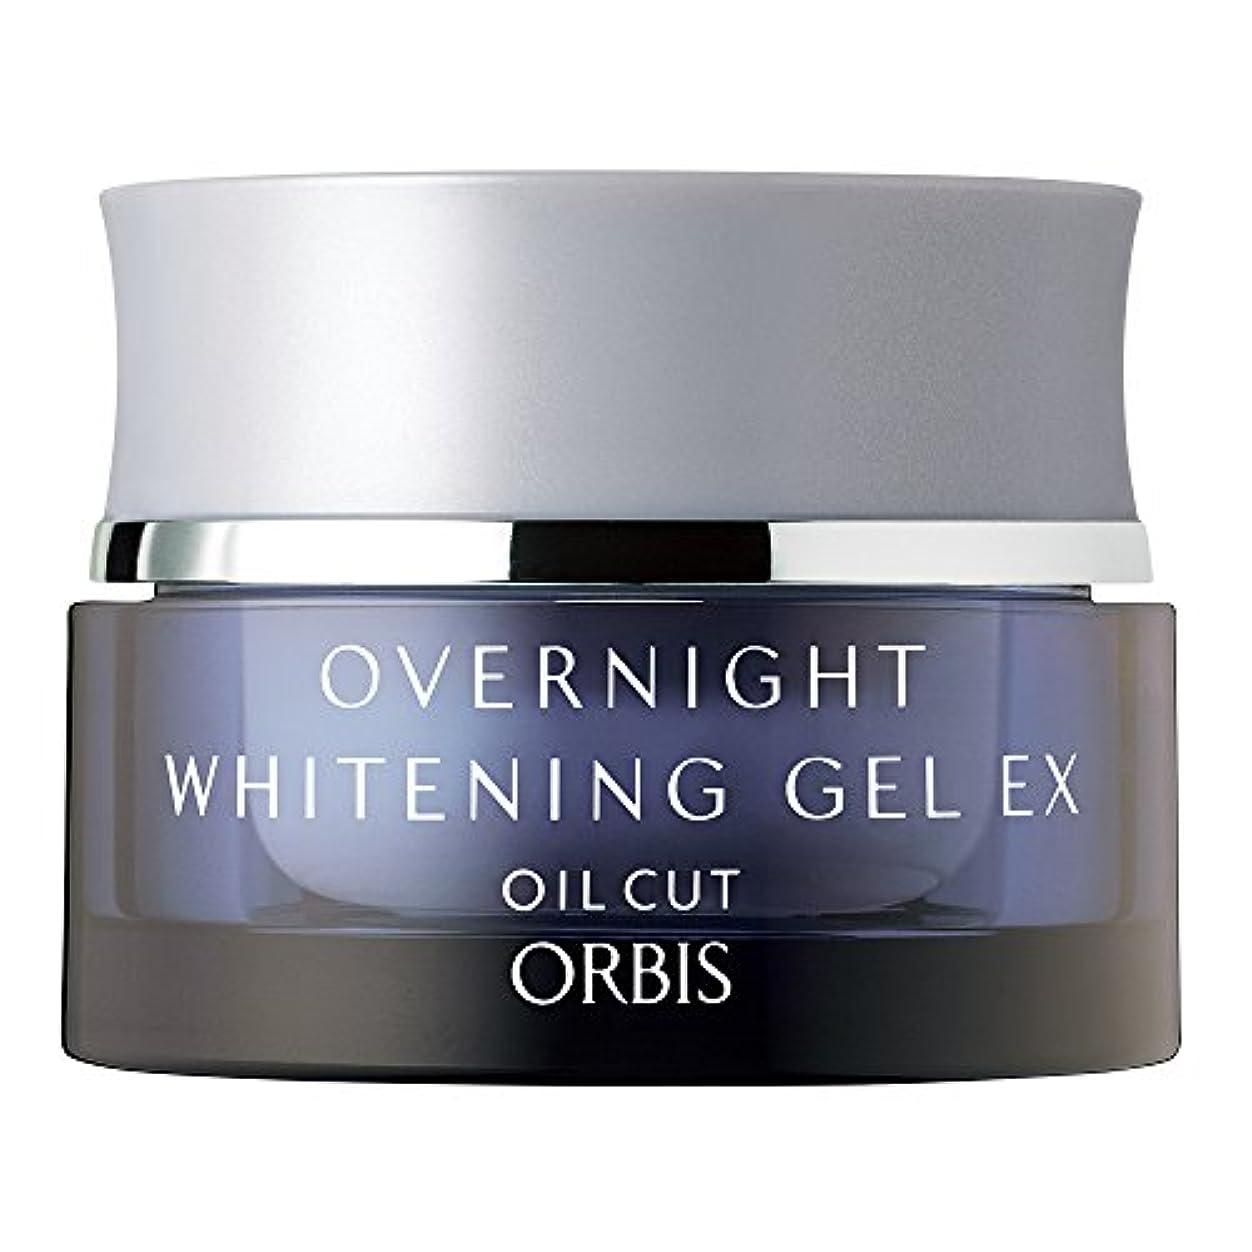 望みなにインサートオルビス(ORBIS) オーバーナイトホワイトニングジェルEX 30g ◎夜用美白パック◎ [医薬部外品]